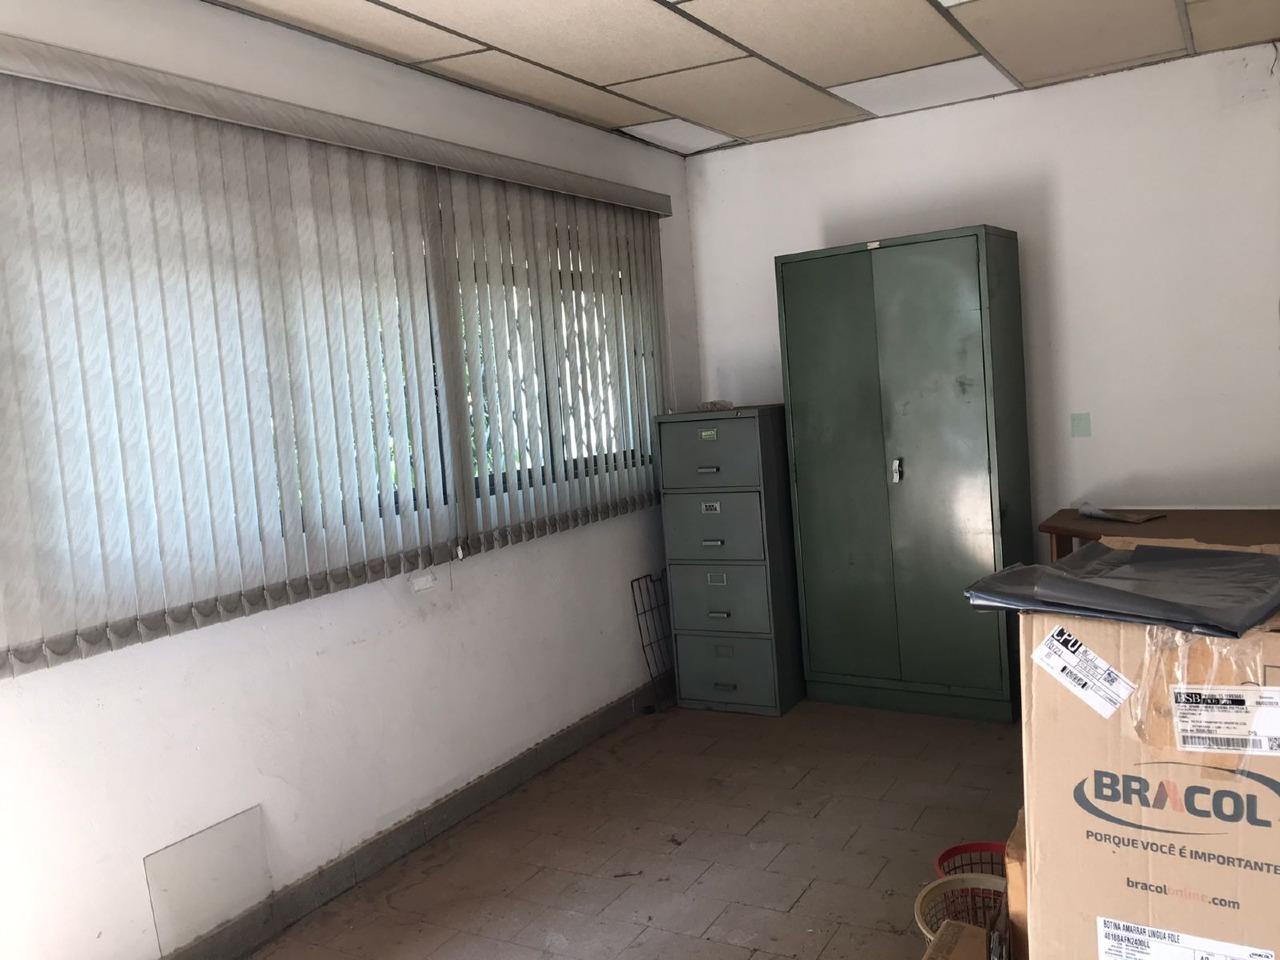 Salão para comprar, no bairro Cidade Alta em Piracicaba - SP